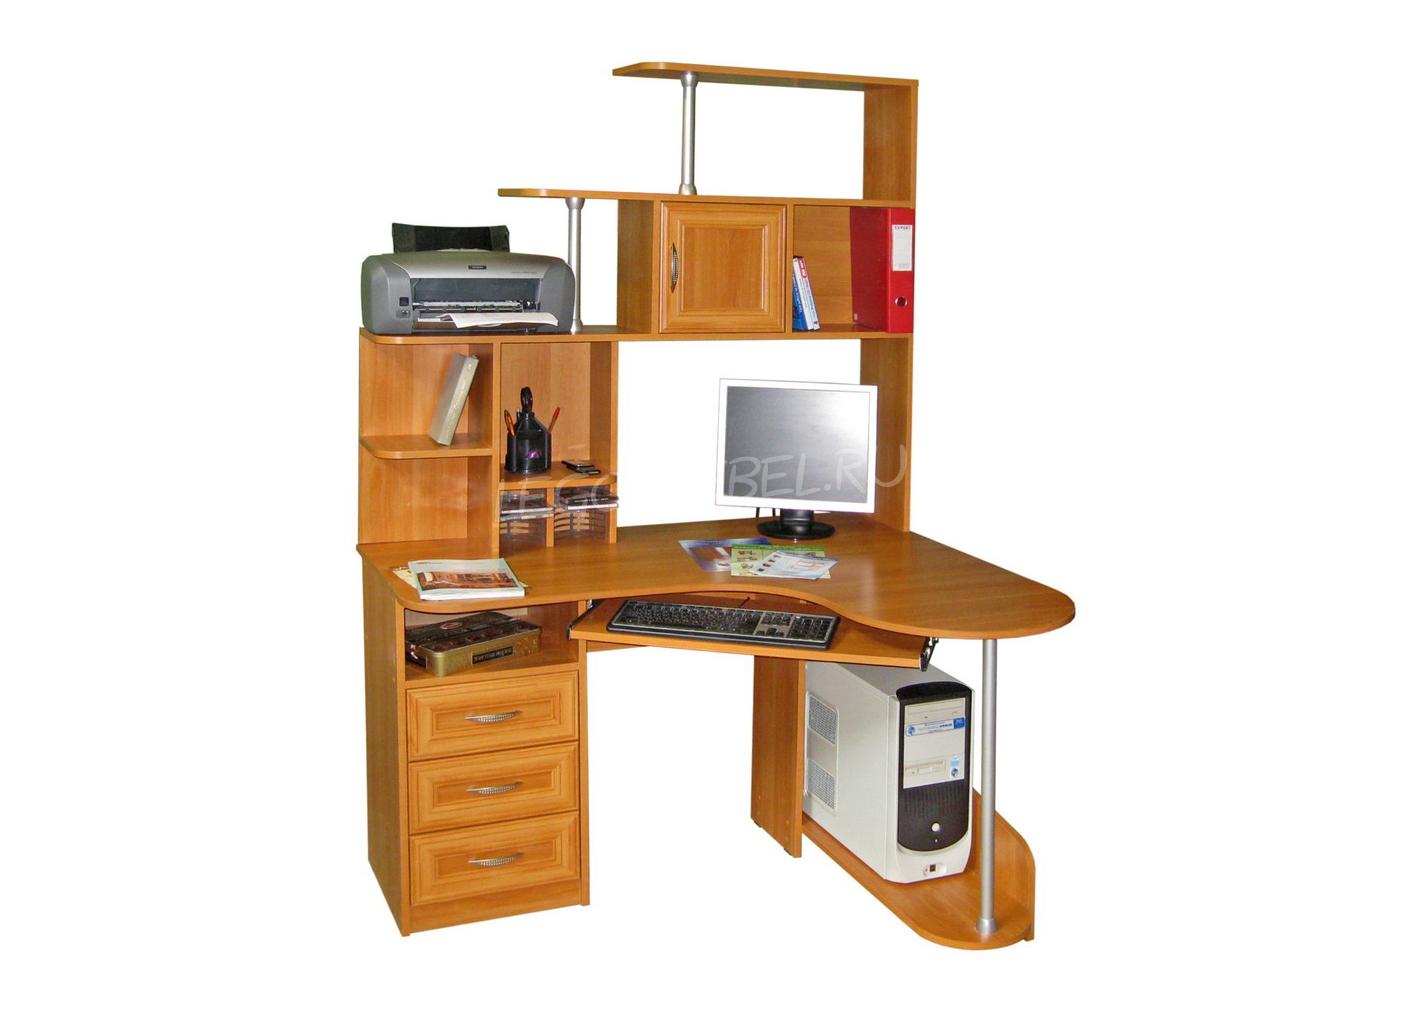 Компьютерный стол варяг-3 - купить в спб недорого, в интерне.